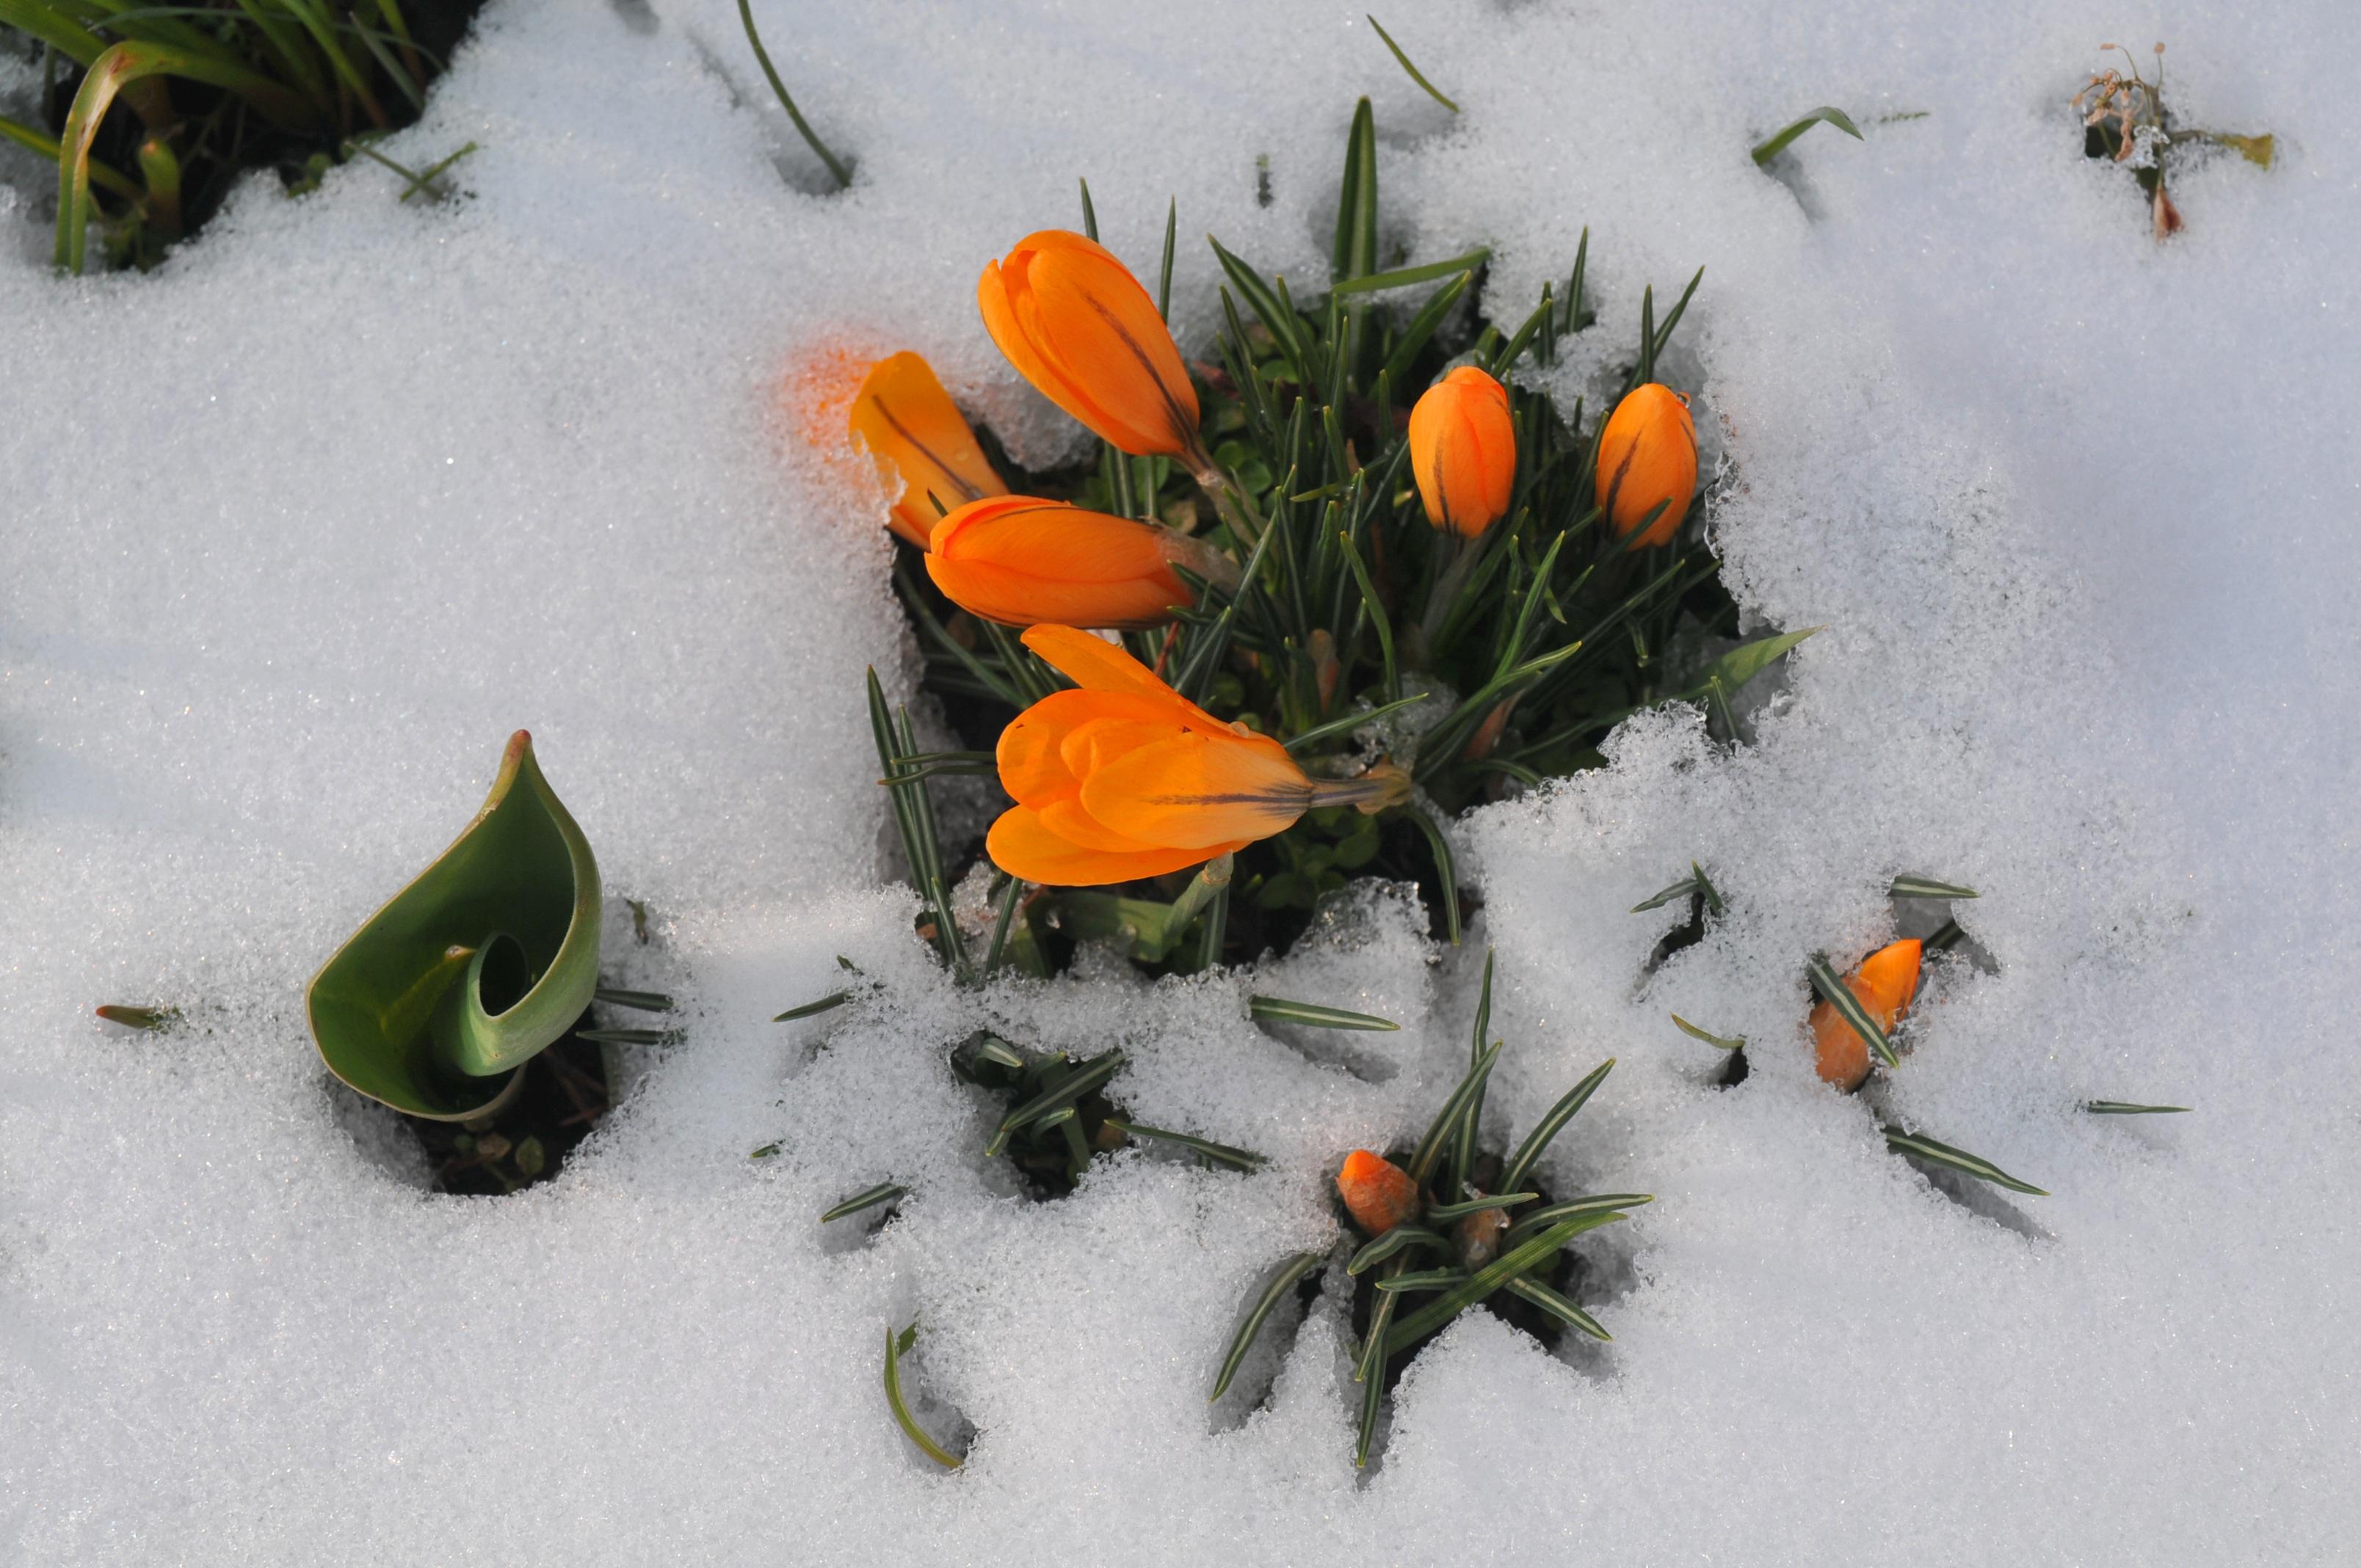 Kostenlose Foto Schnee Pflanze Blume Fruhling Eisig Krokus